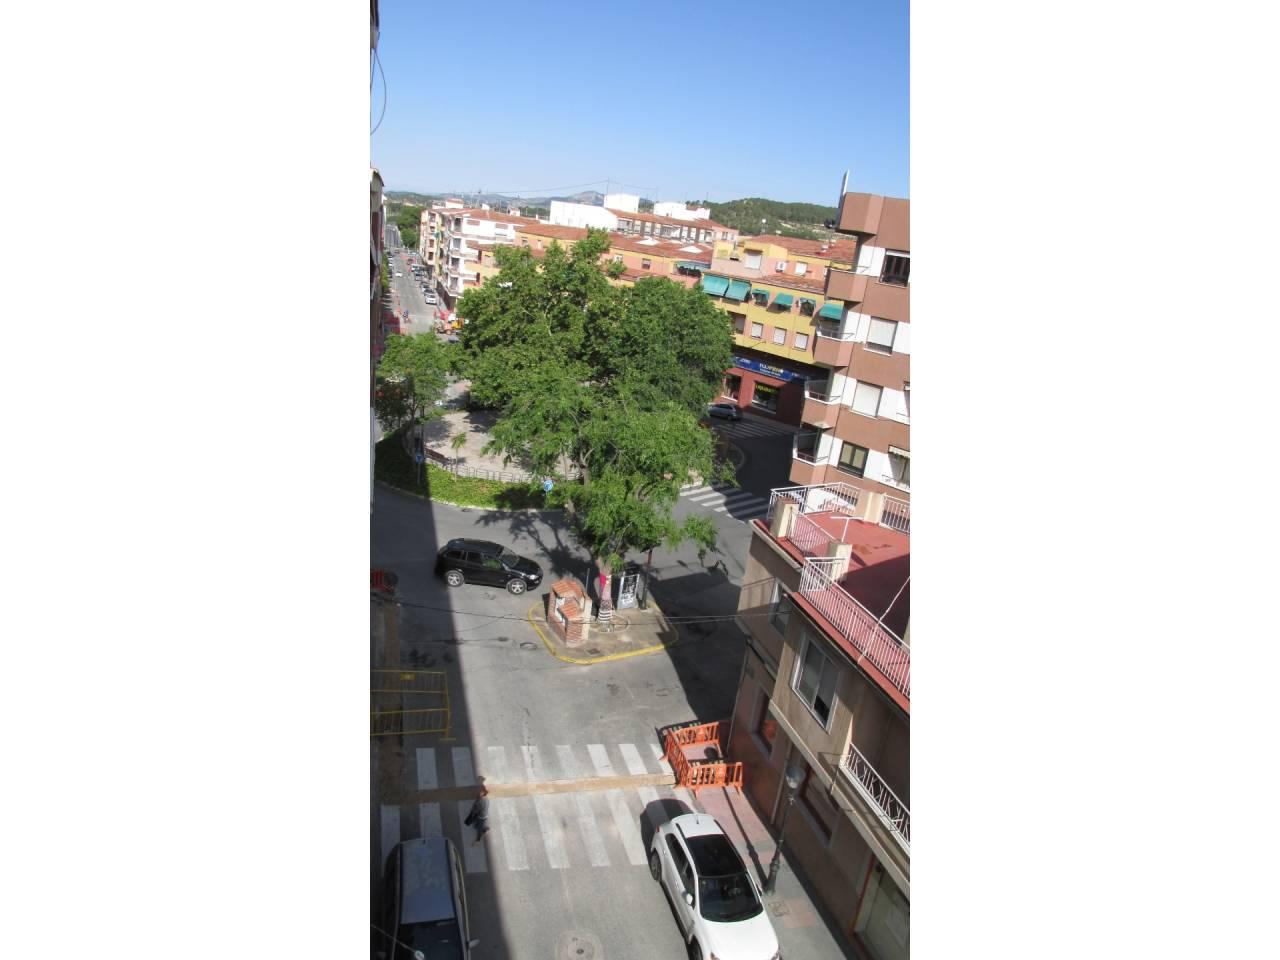 Lloguer Pis  Avenida de la paz. Piso  4º con ascensor, superficie útil 96.5 m², hab. individuale